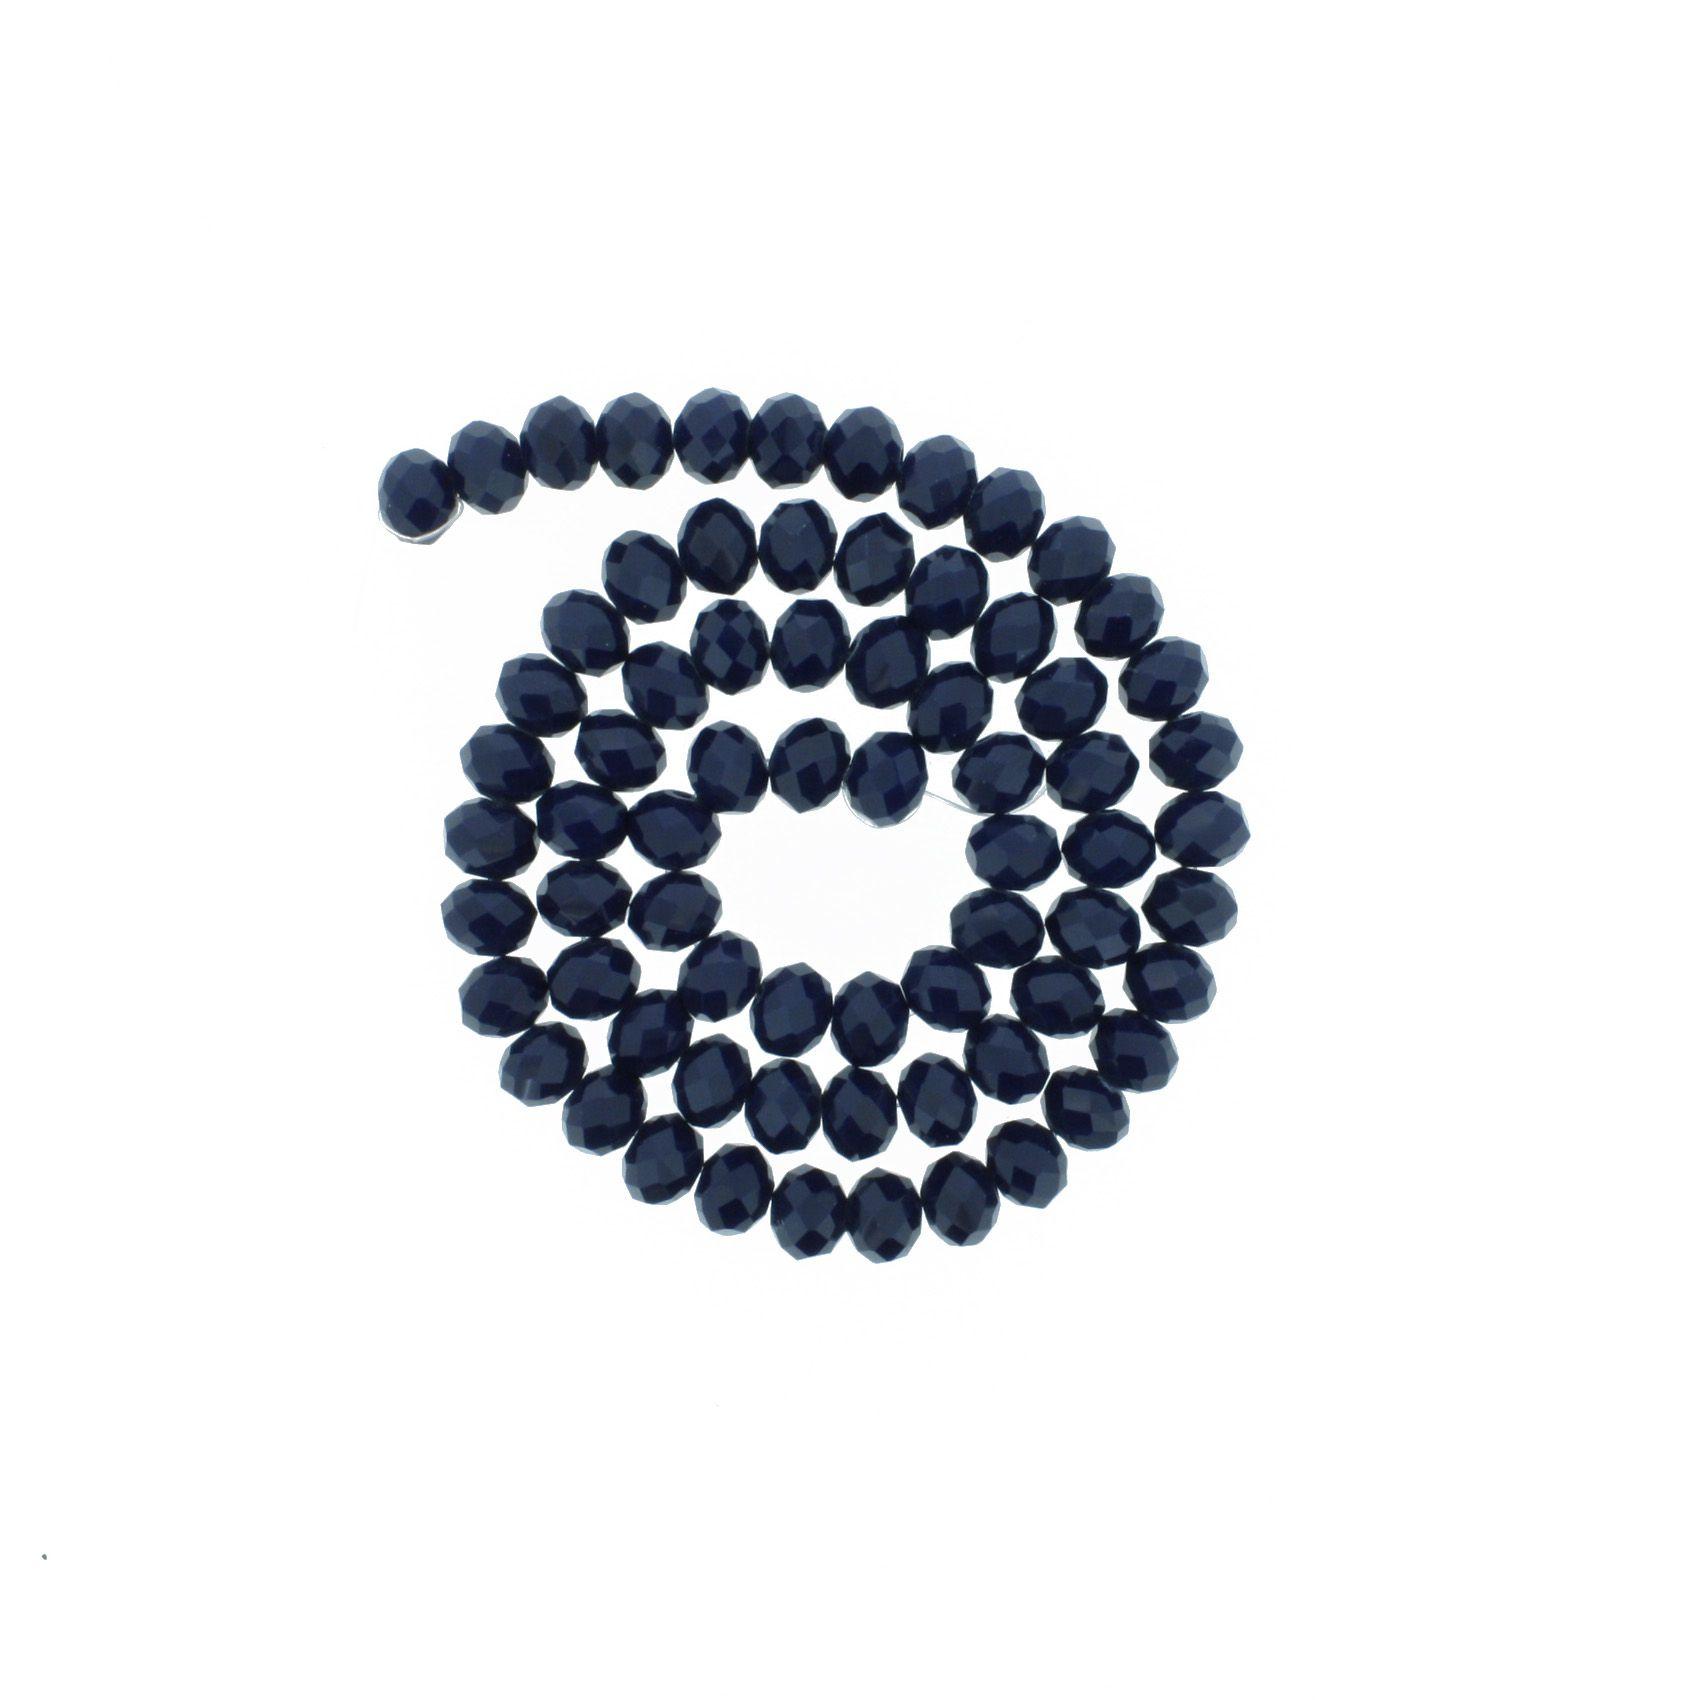 Fio de Cristal - Piatto® - Azul Marinho - 8mm  - Universo Religioso® - Artigos de Umbanda e Candomblé